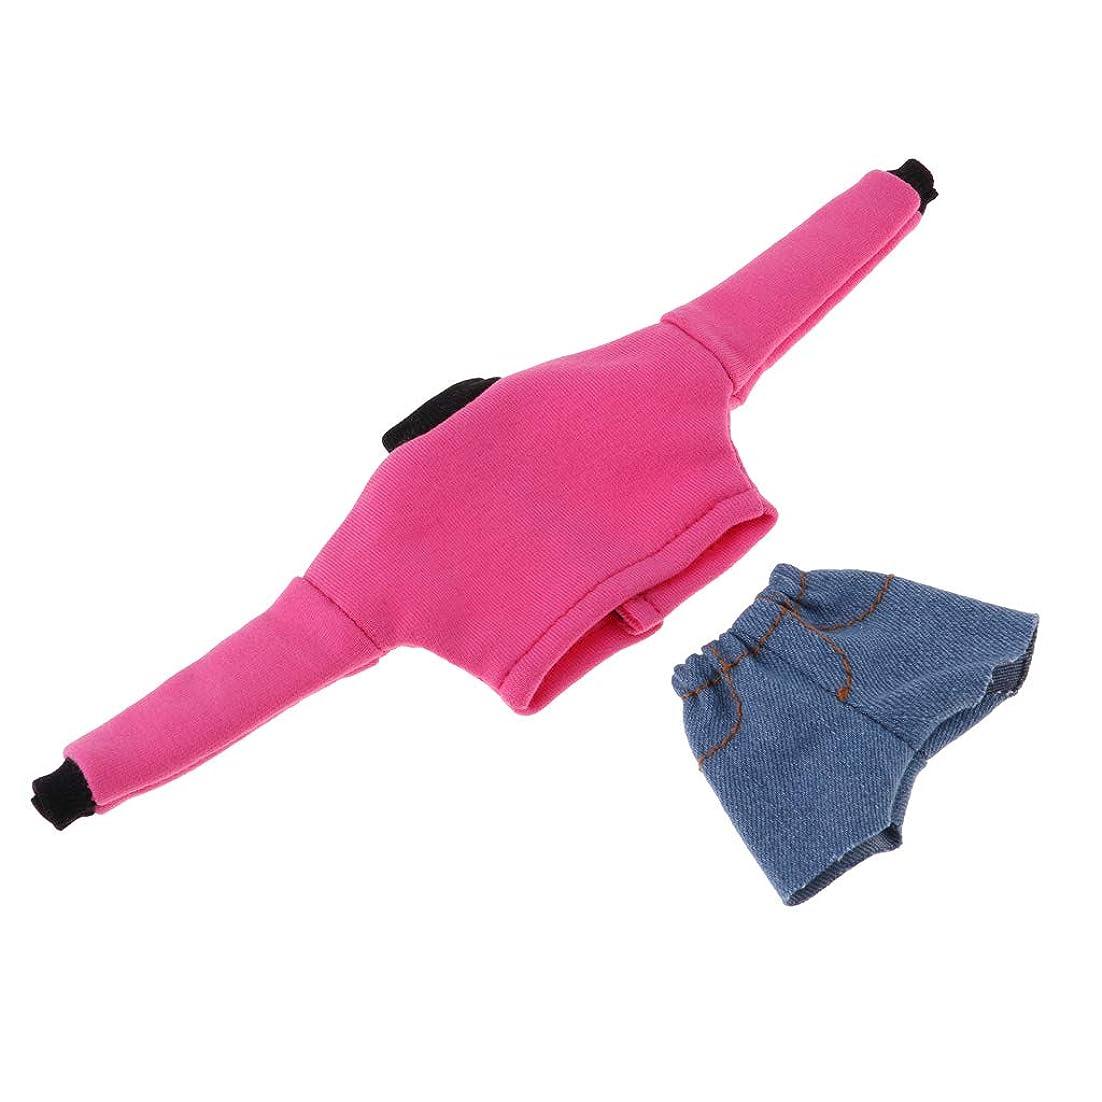 振る舞い割り当てますフォルダSM SunniMix 人形服 ドール服 プルオーバー ショーツ 12インチガールドールに適用 全5色 - ピンク